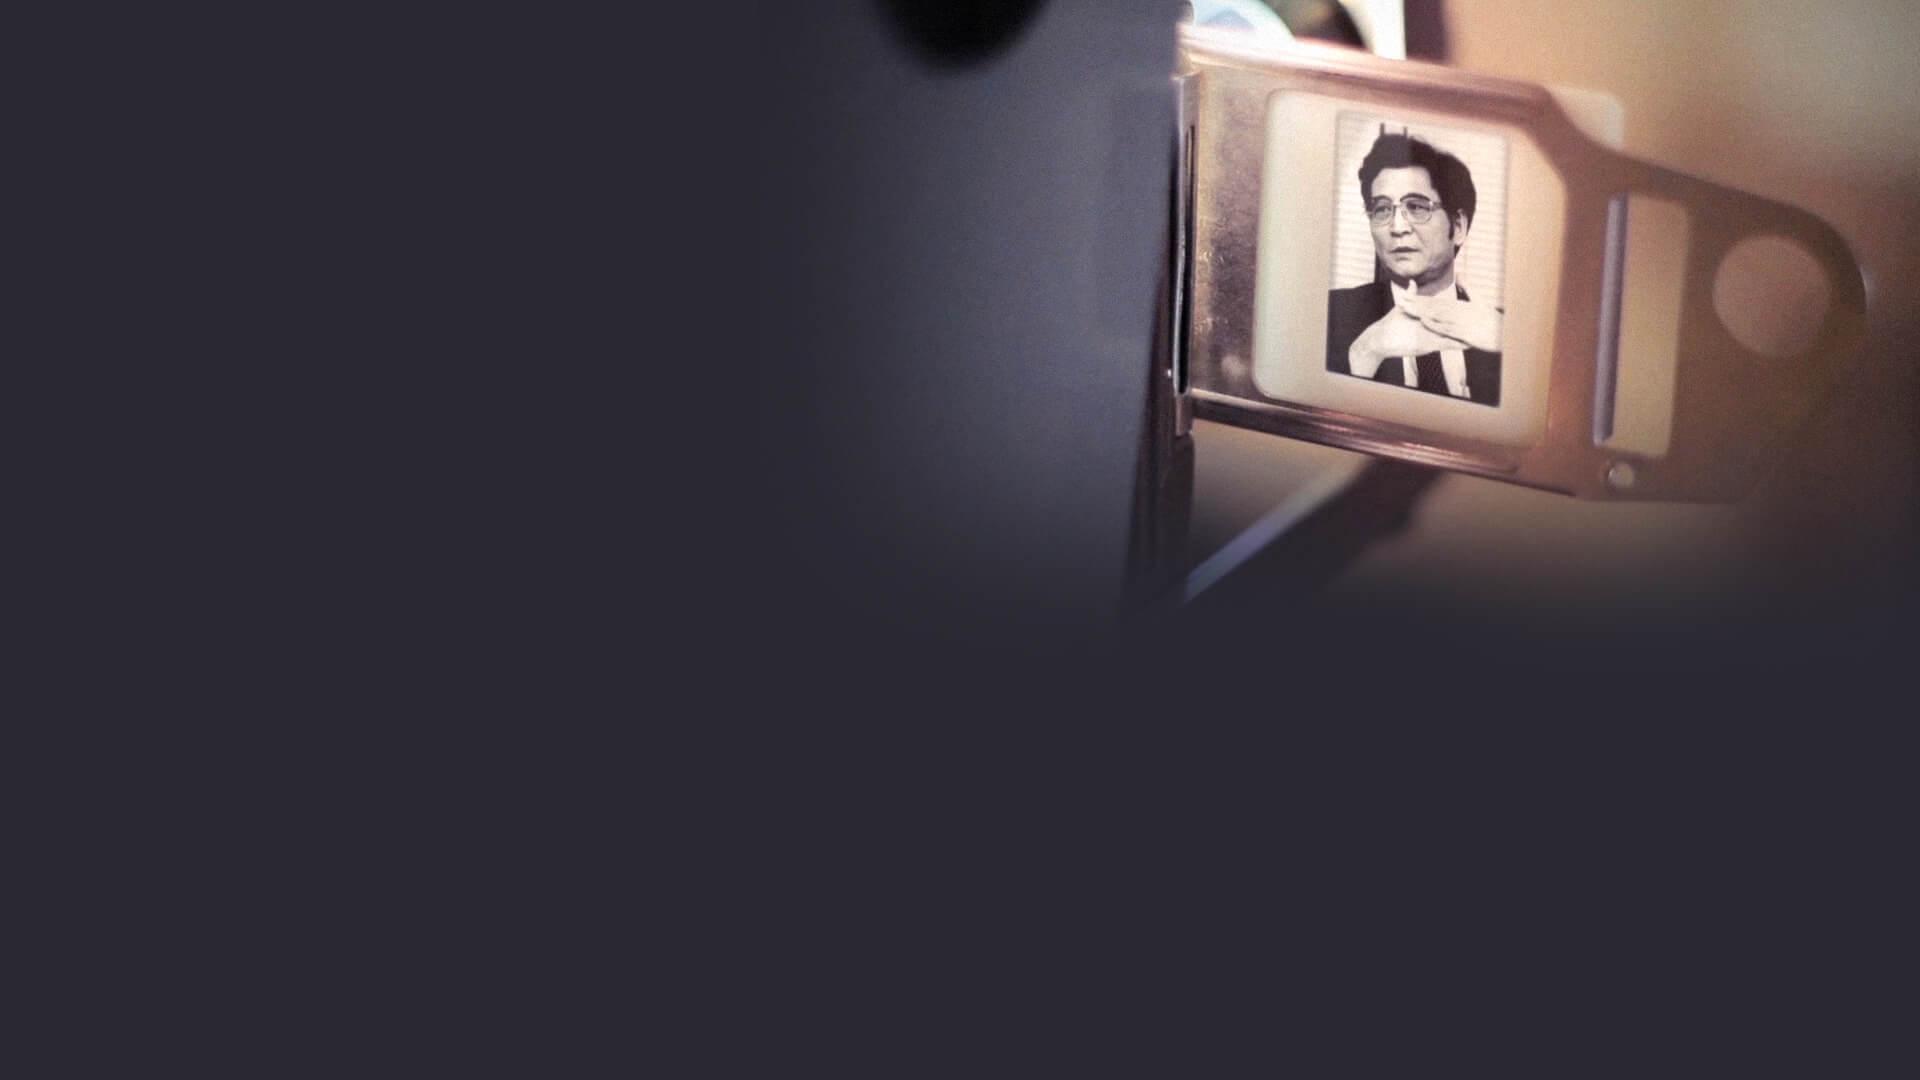 2014年「與歲月對話:漢寶德的故事」紀錄片製作